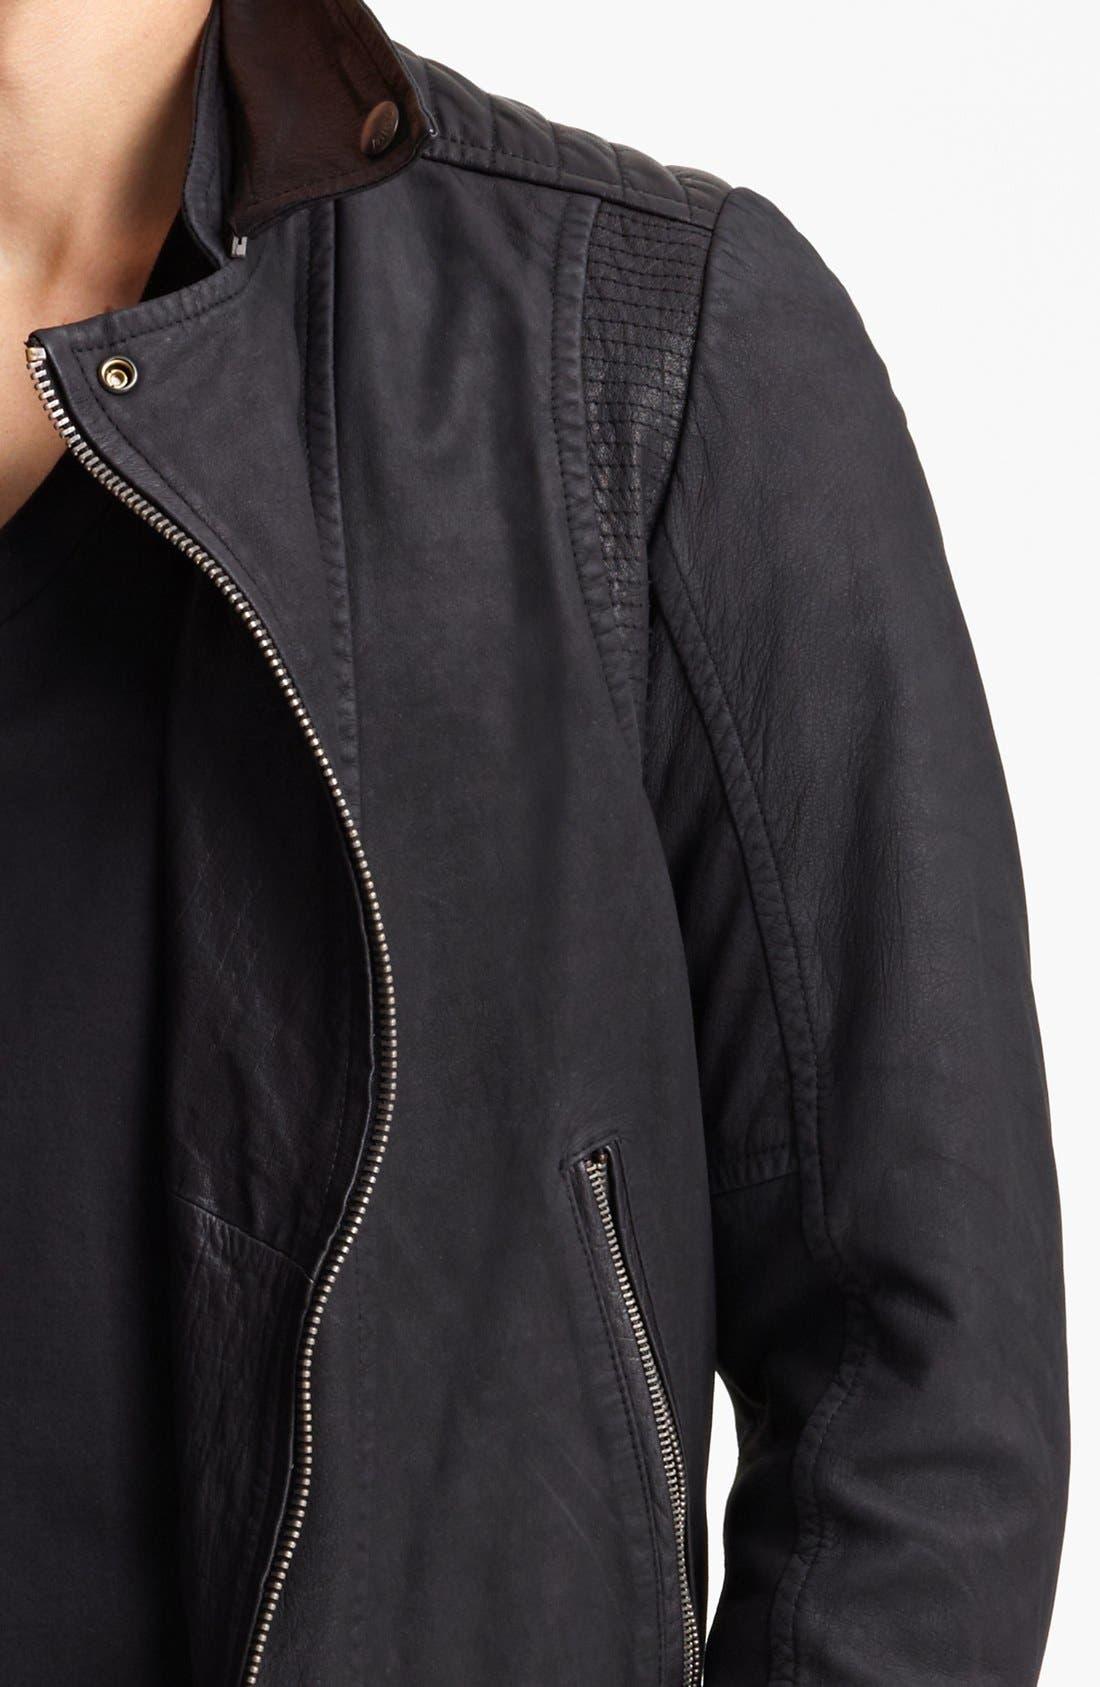 JUST CAVALLI, Leather Moto Jacket, Alternate thumbnail 3, color, 001